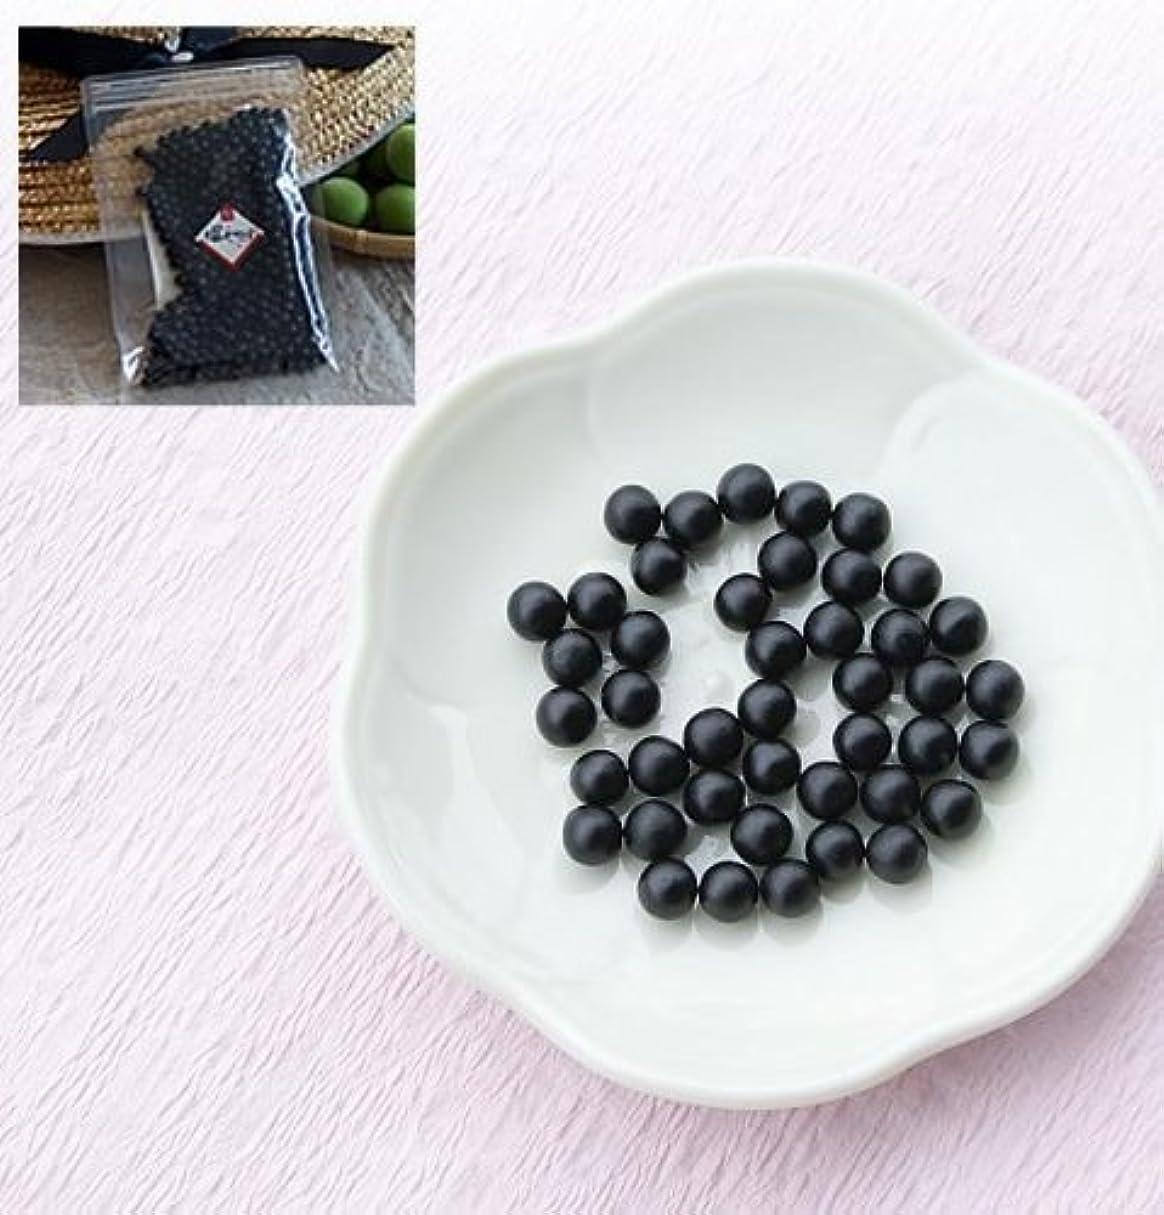 ダイヤル真っ逆さま眠り深見梅店 青梅から作った梅肉エキス粒タイプ 100g(約3か月?約600粒)